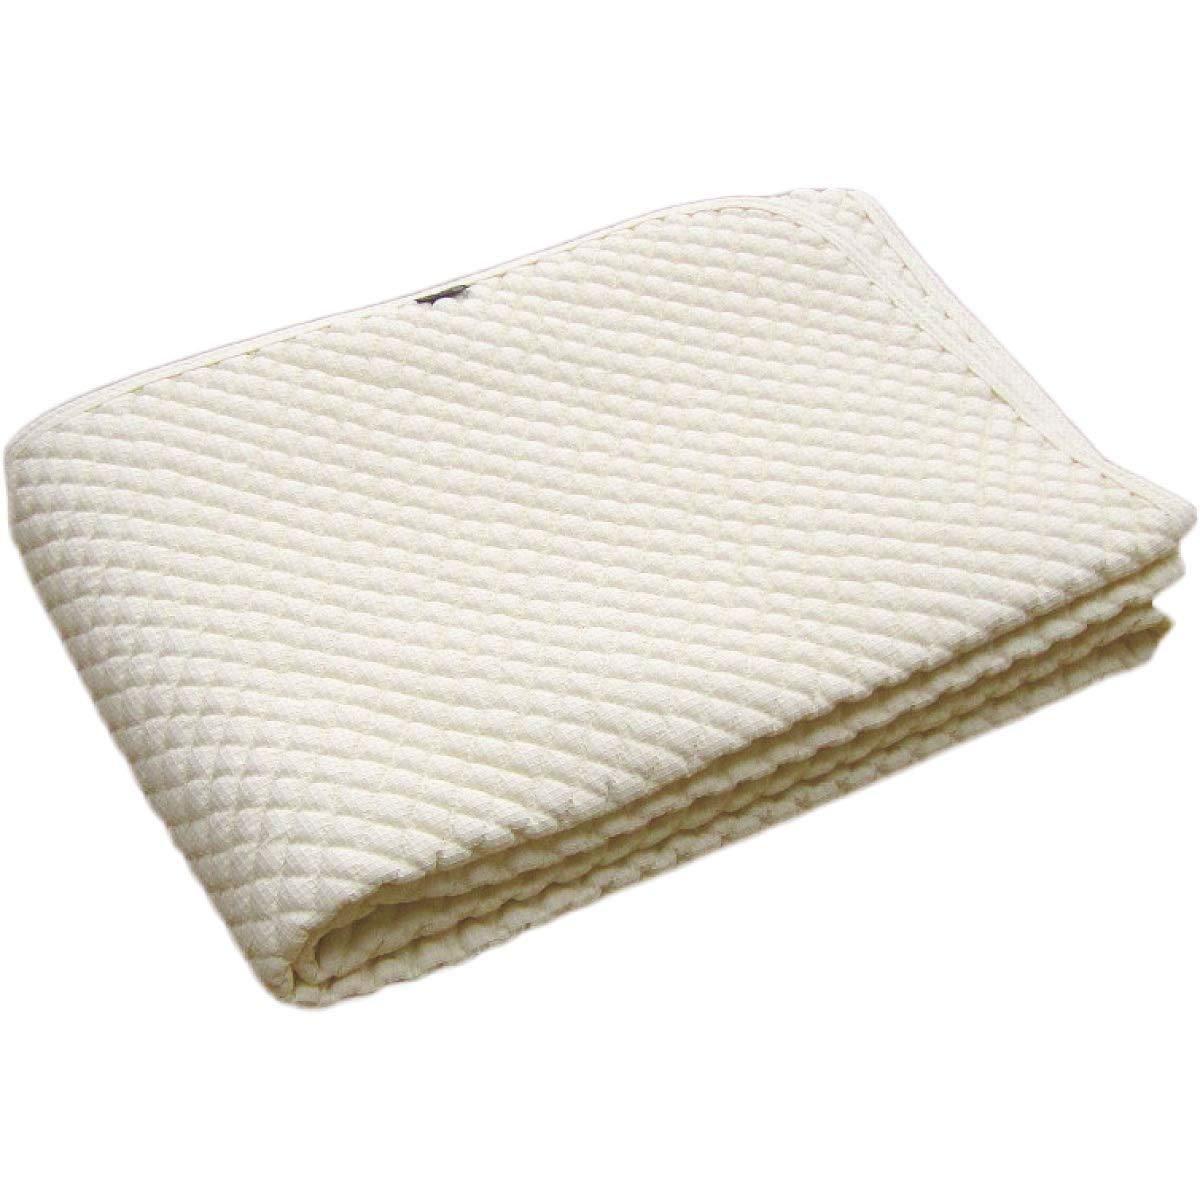 綿100% ポコポコ敷きパッド ワイドクイーン 170×205cm 日本製 スマイル敷きパッド アイボリー B07SG86GZY